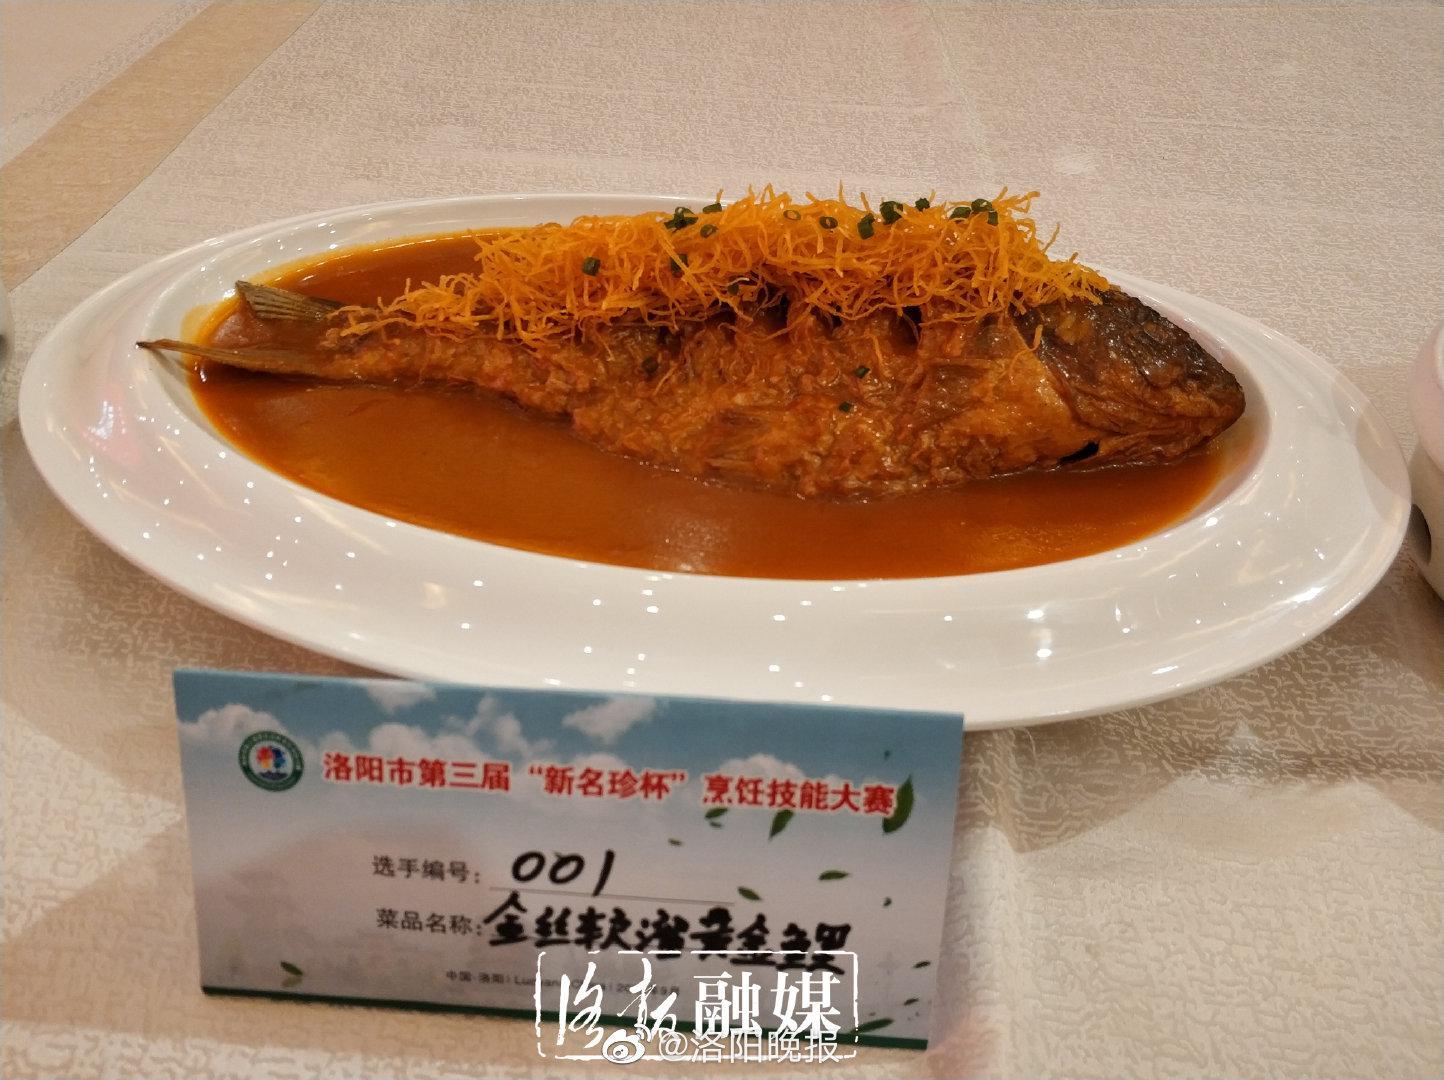 为了烹好这条黄河大鲤鱼,他们使出了真功夫